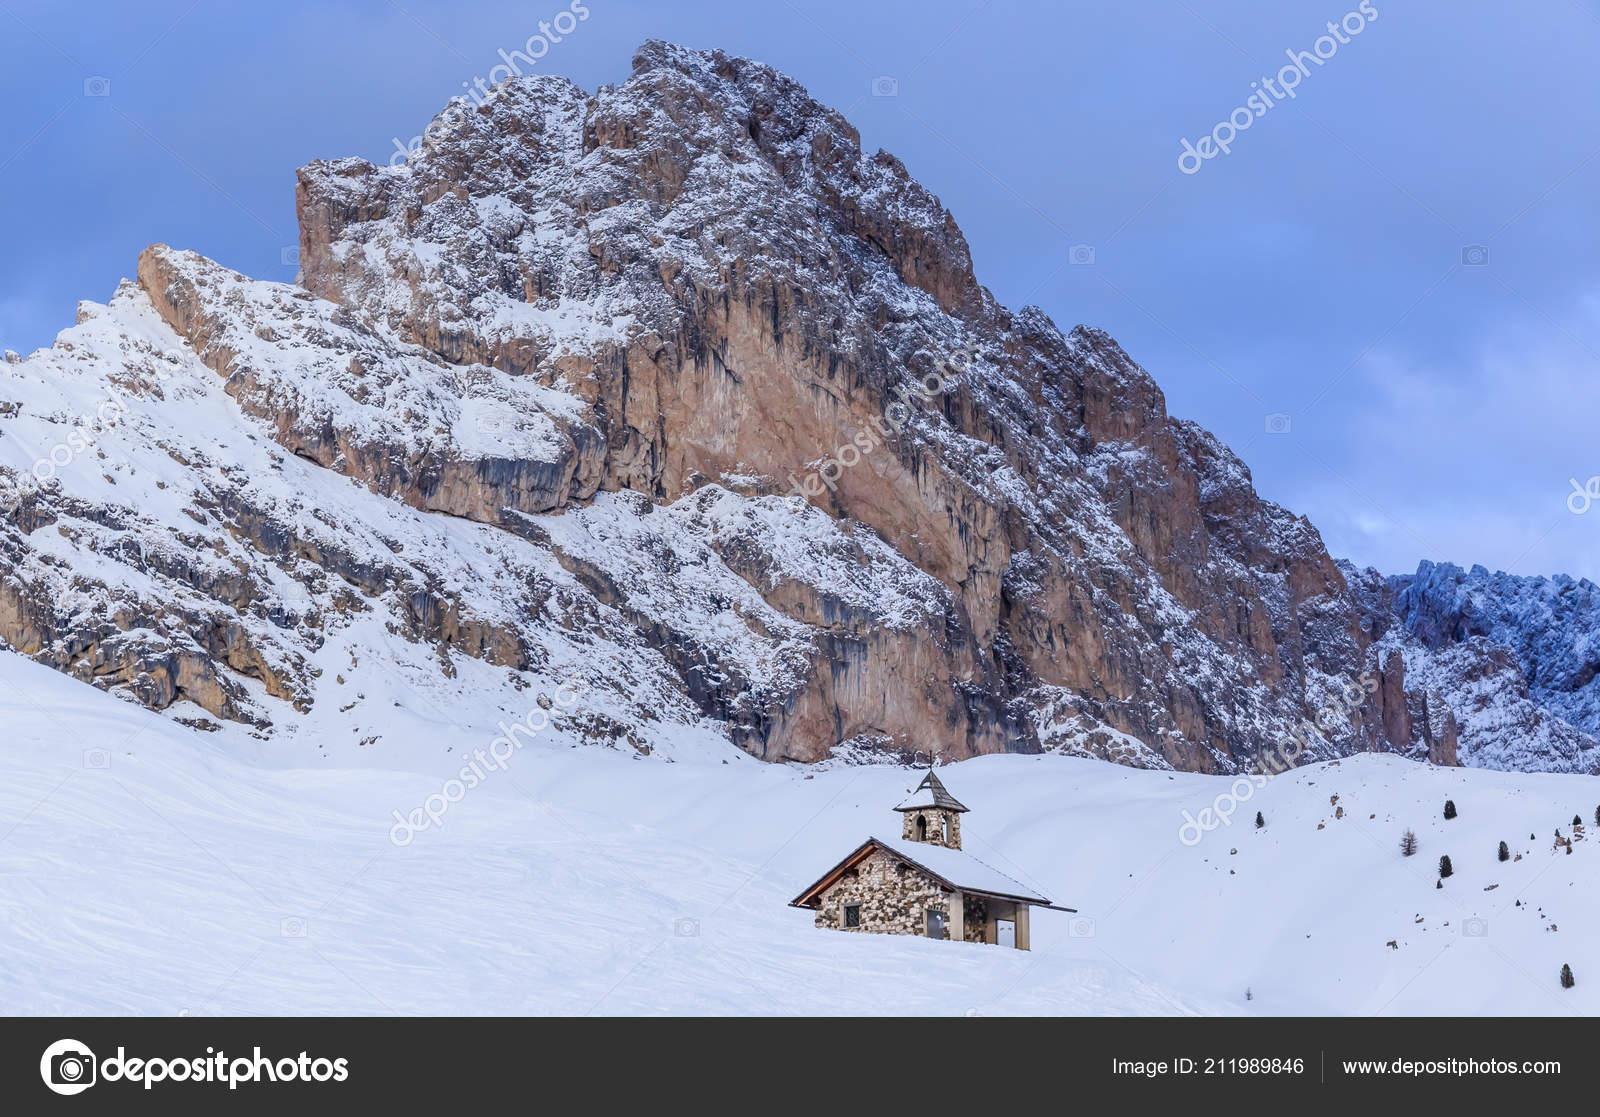 ski resort selva val gardena italy — stock photo © nikolpetr #211989846